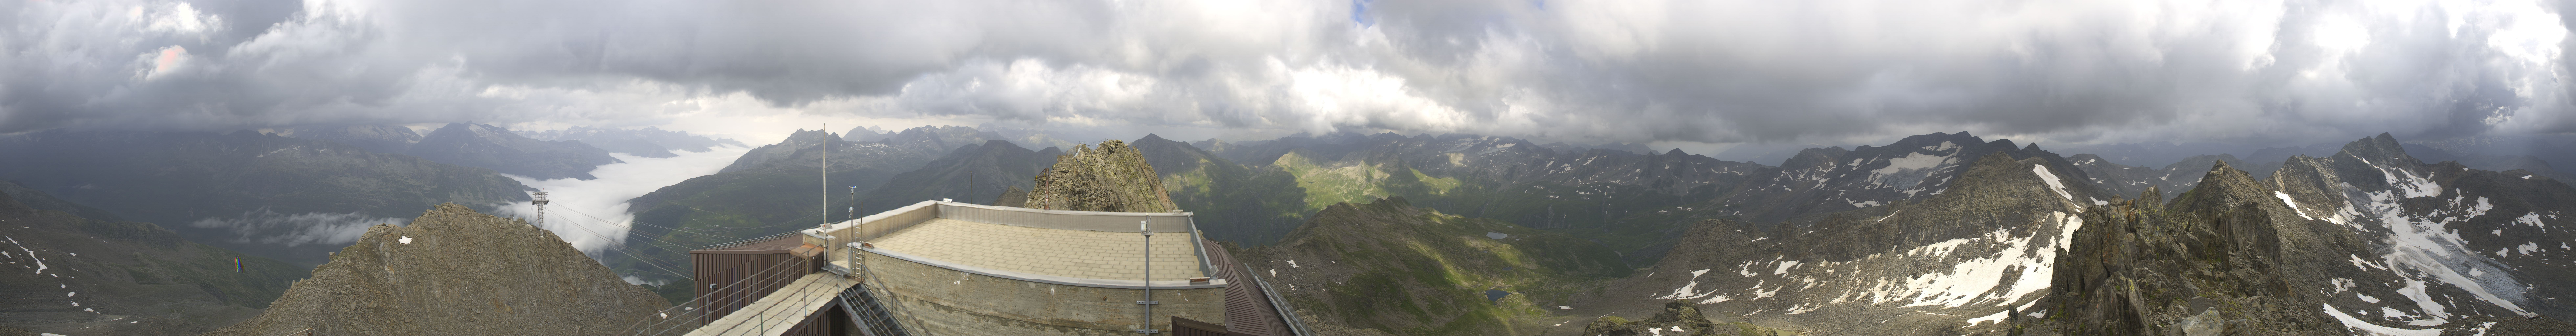 Andermatt: Nätschen (Andermatt) - Gotthard Pass - Oberalp Pass